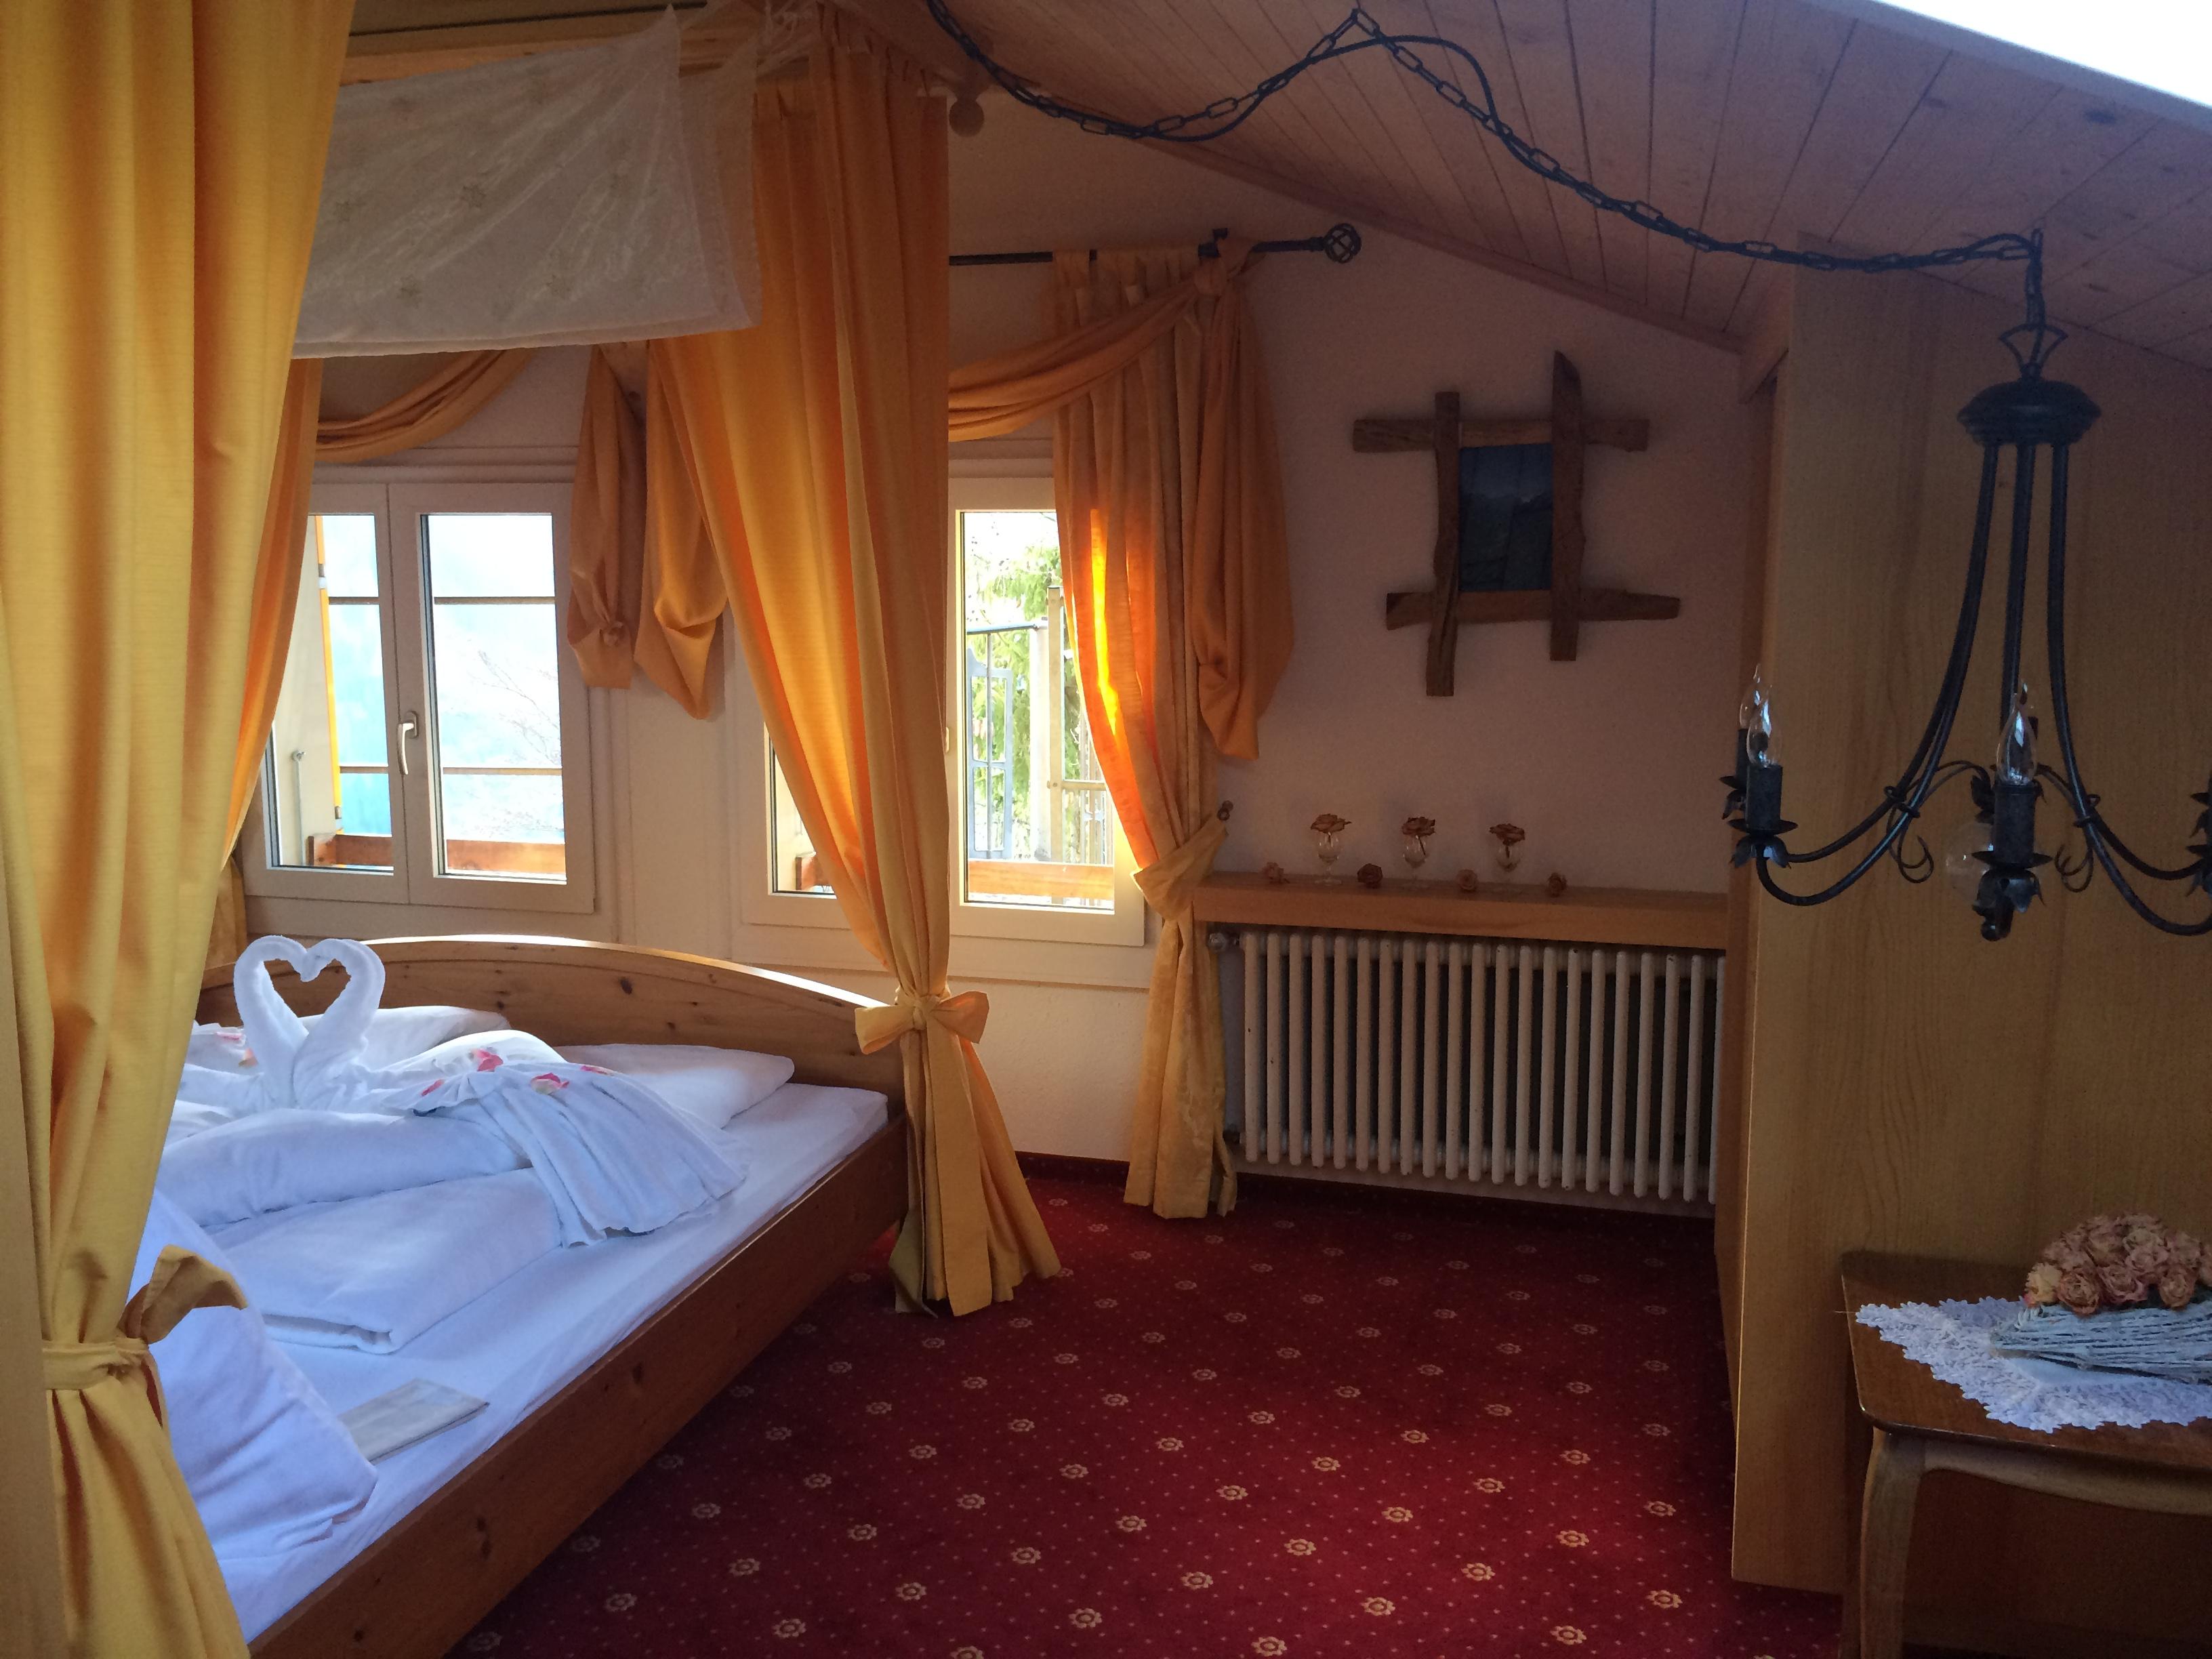 Hotel Bellevue Wengen